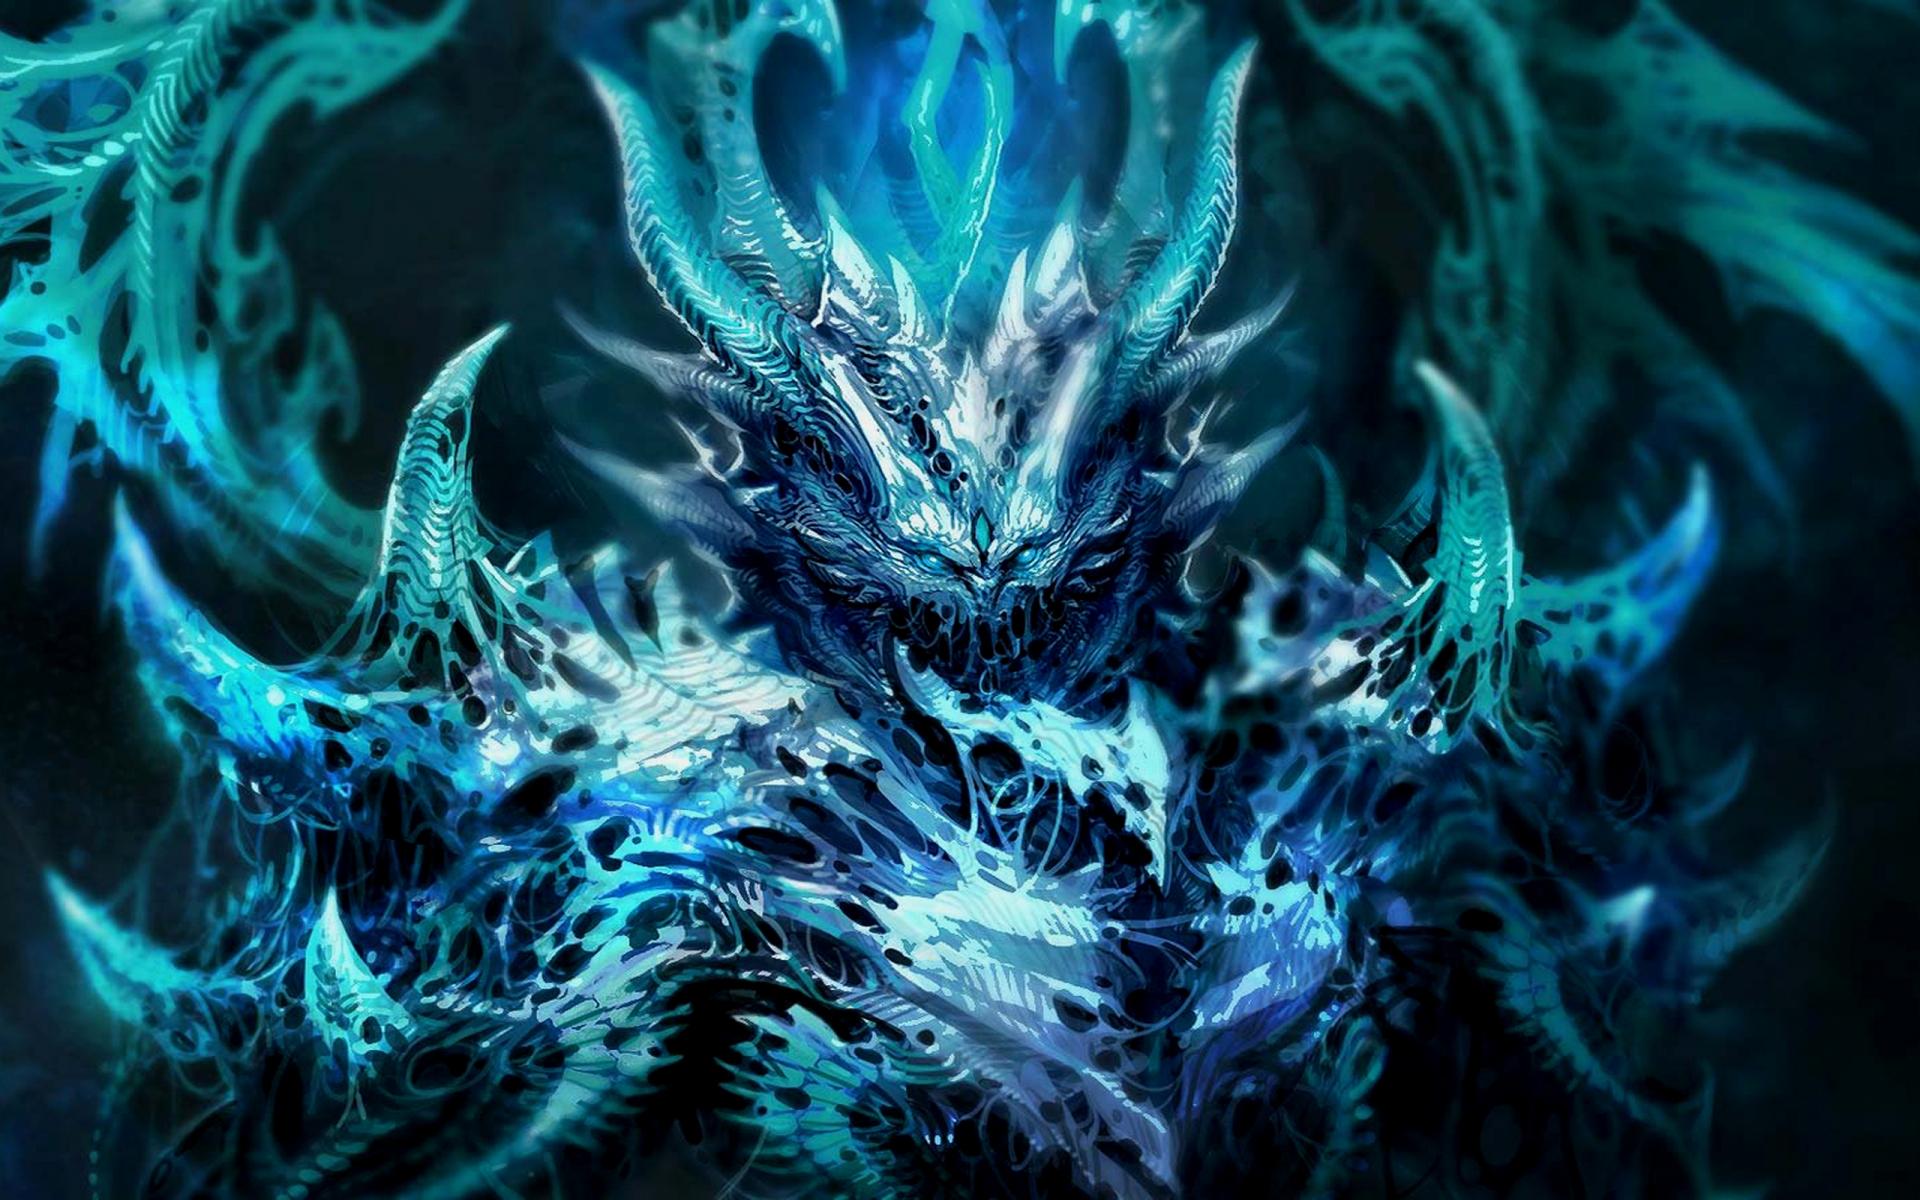 Demonic 3d pics adult clip